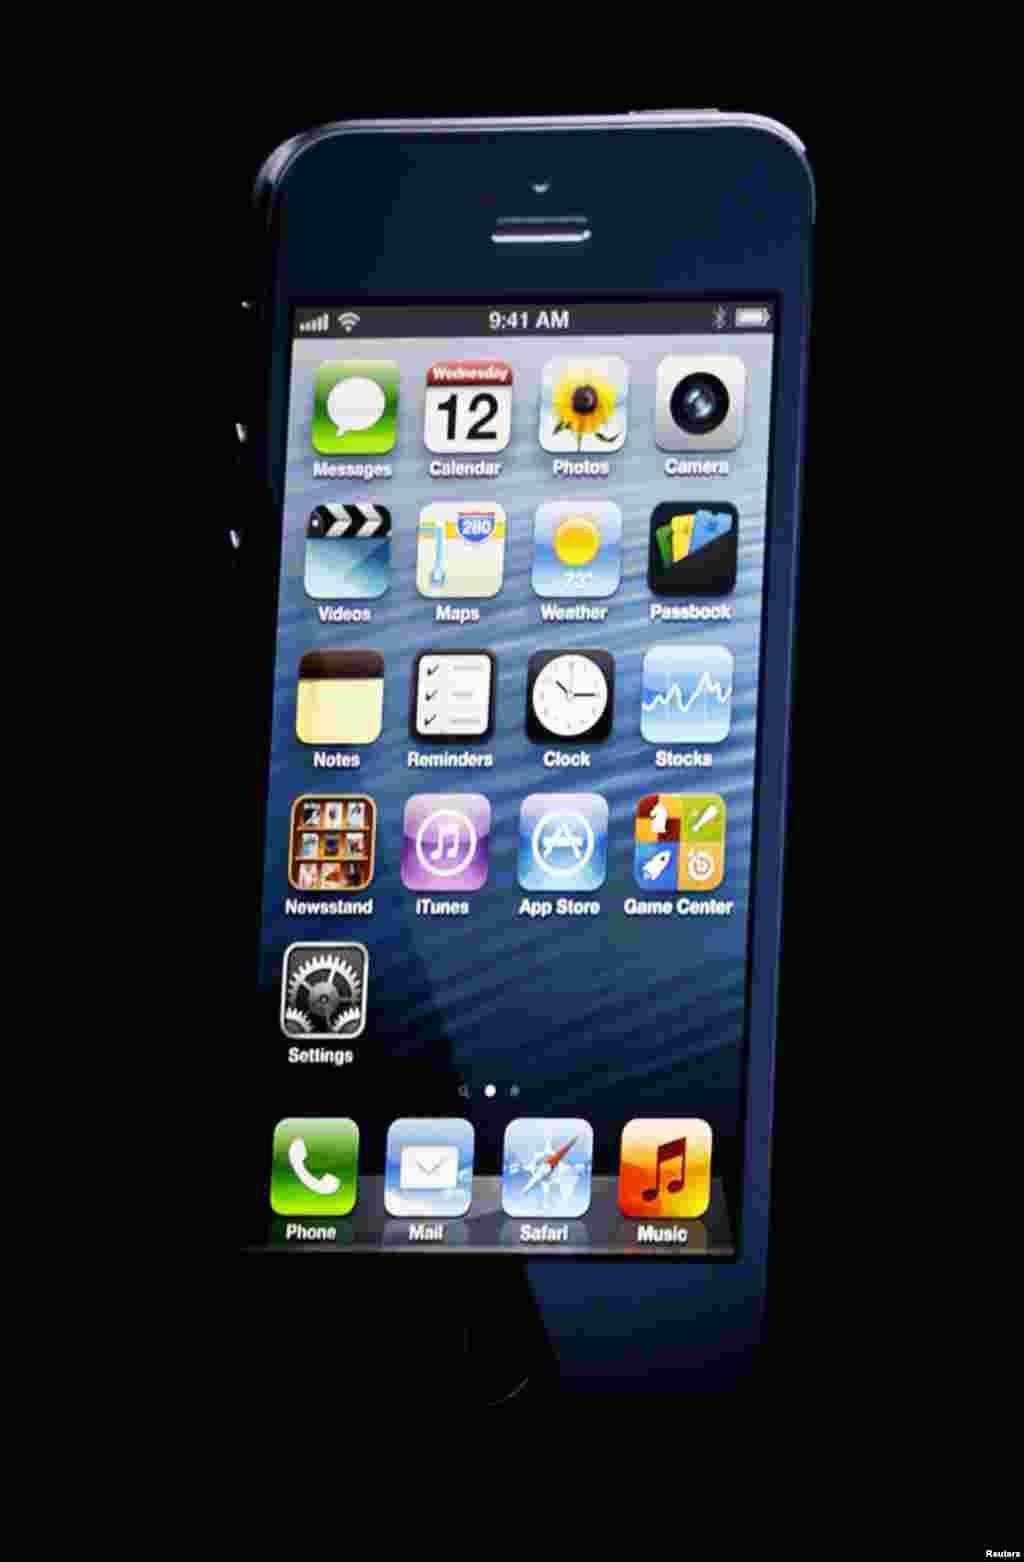 El iPhone 5 pesa 112 gramos, lo que lo hace más liviano que el iPhone 4.